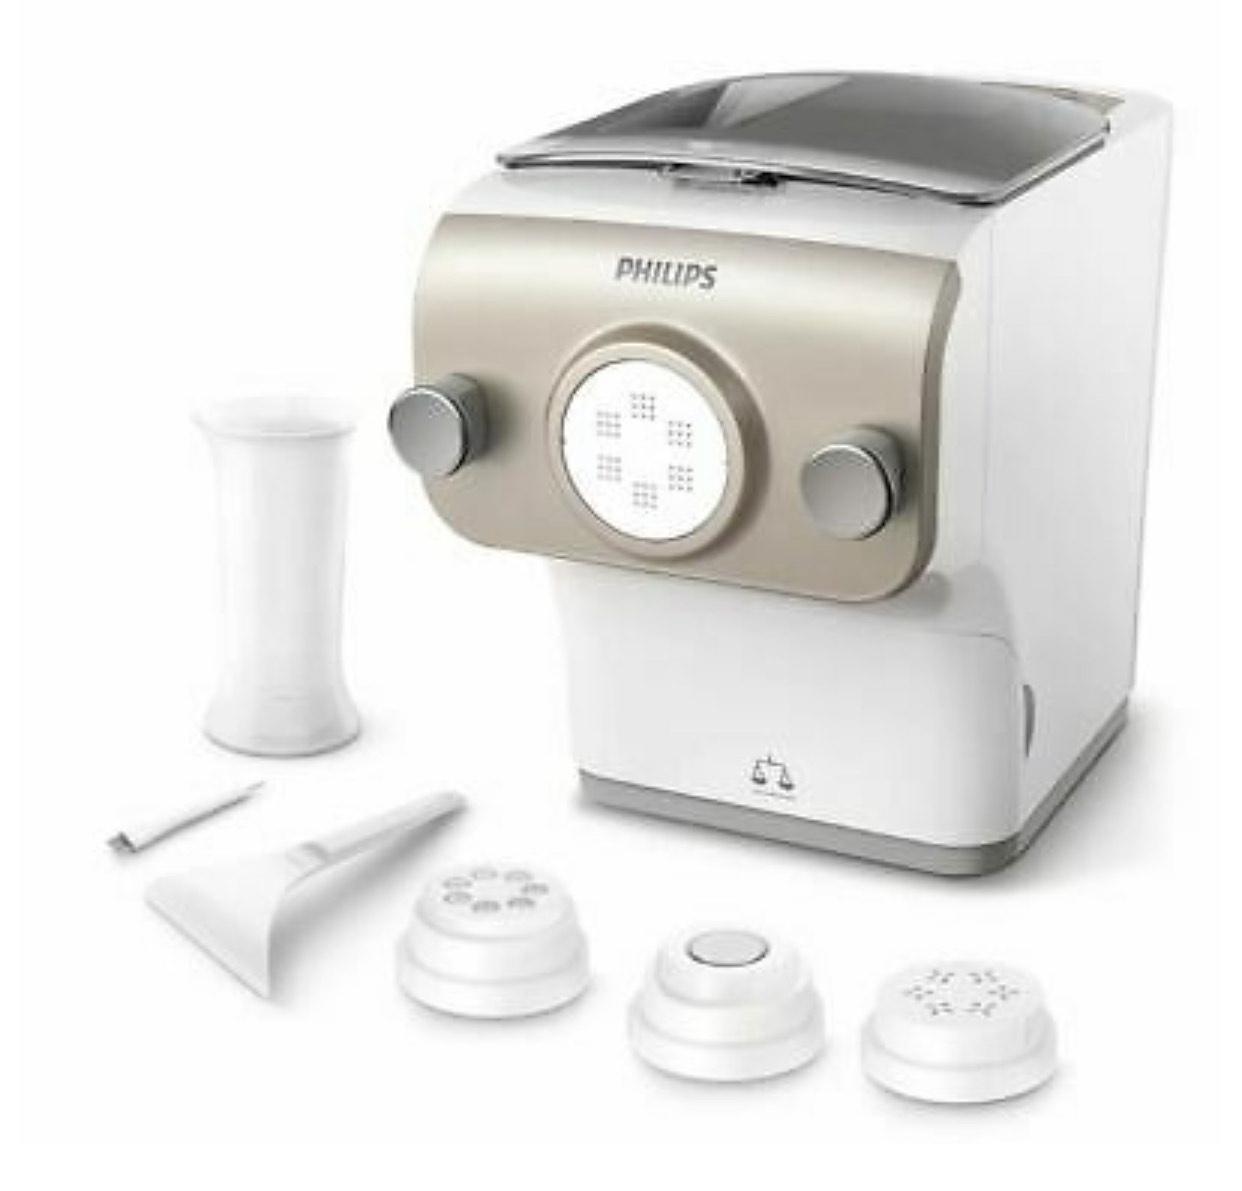 PHILIPS Nudelmaschine Avance Collection HR2380/05 Pastamaker 200W